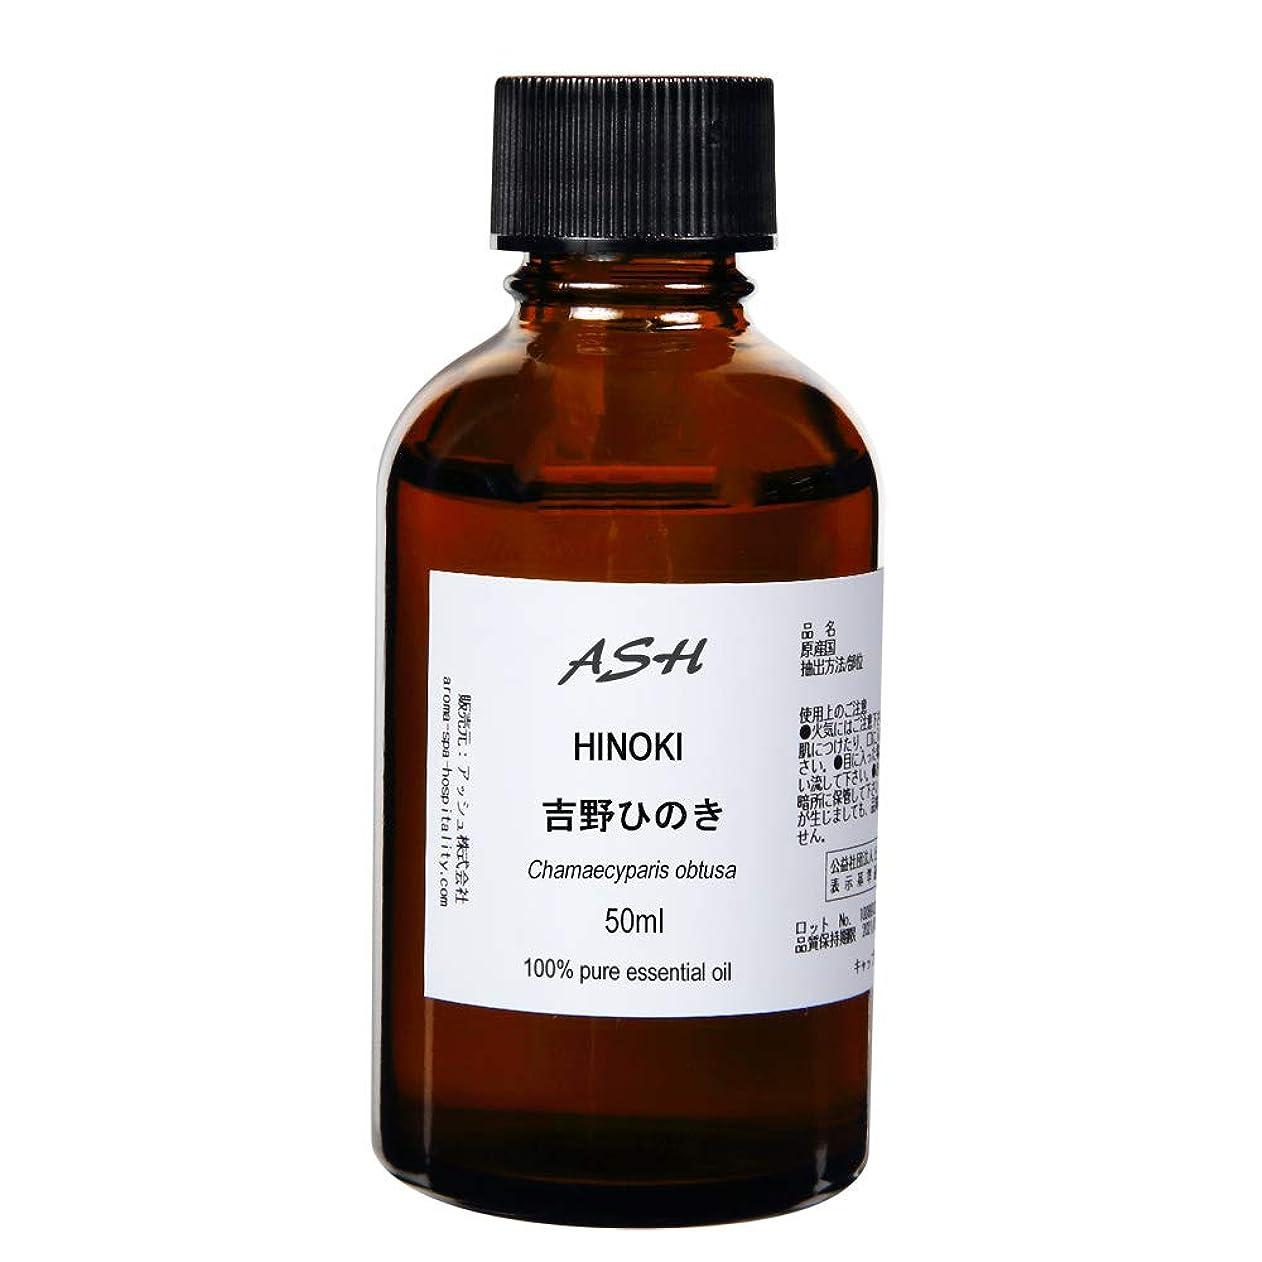 ギャンブルキャリア拍手ASH 吉野ひのき エッセンシャルオイル 50ml AEAJ表示基準適合認定精油 和精油